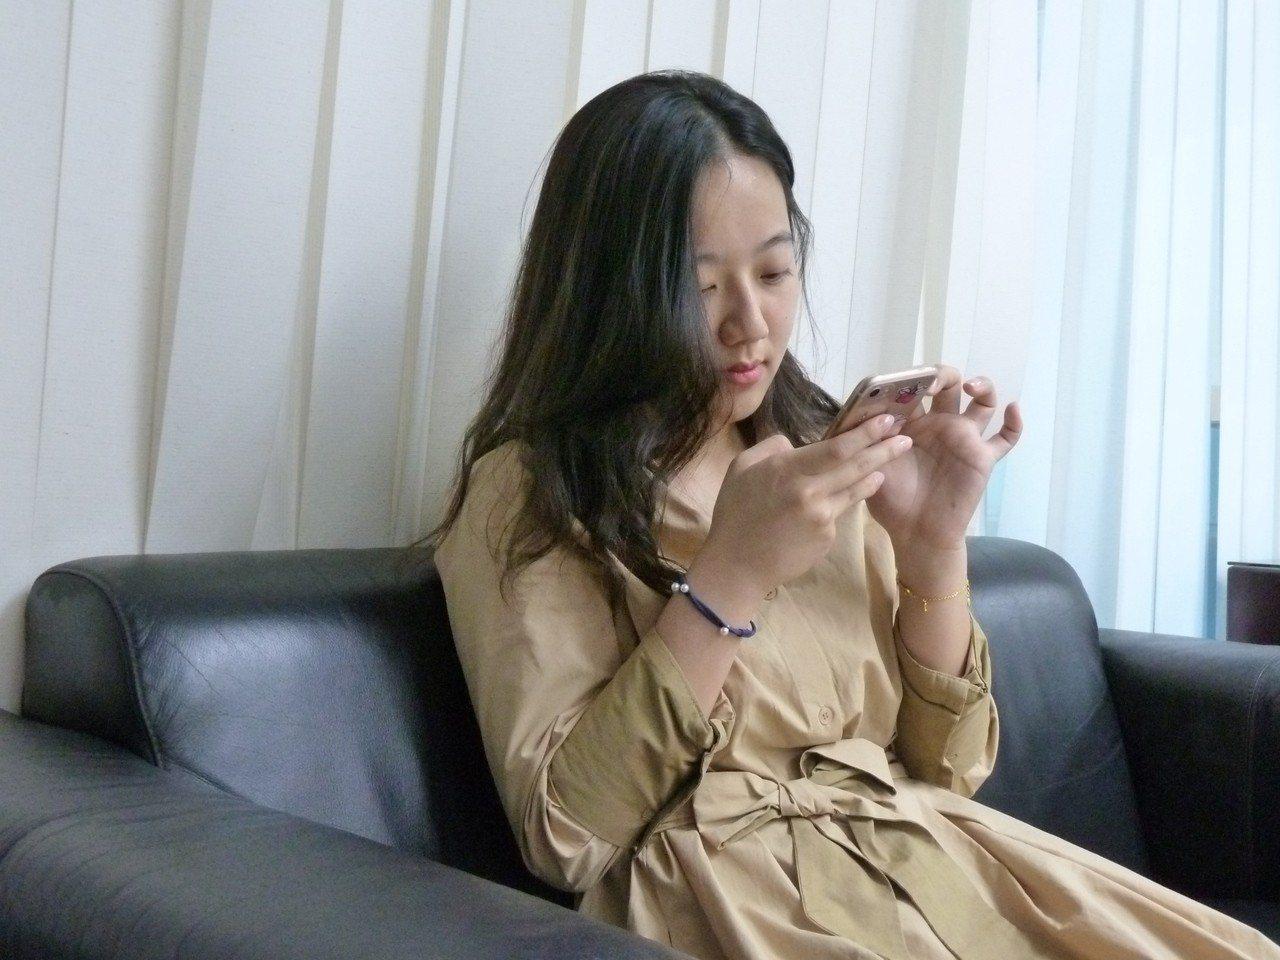 國民黨文傳會近日也低調培訓一位8年級生韓風正妹青年黨工洪于茜,要培養為黨的看板美...